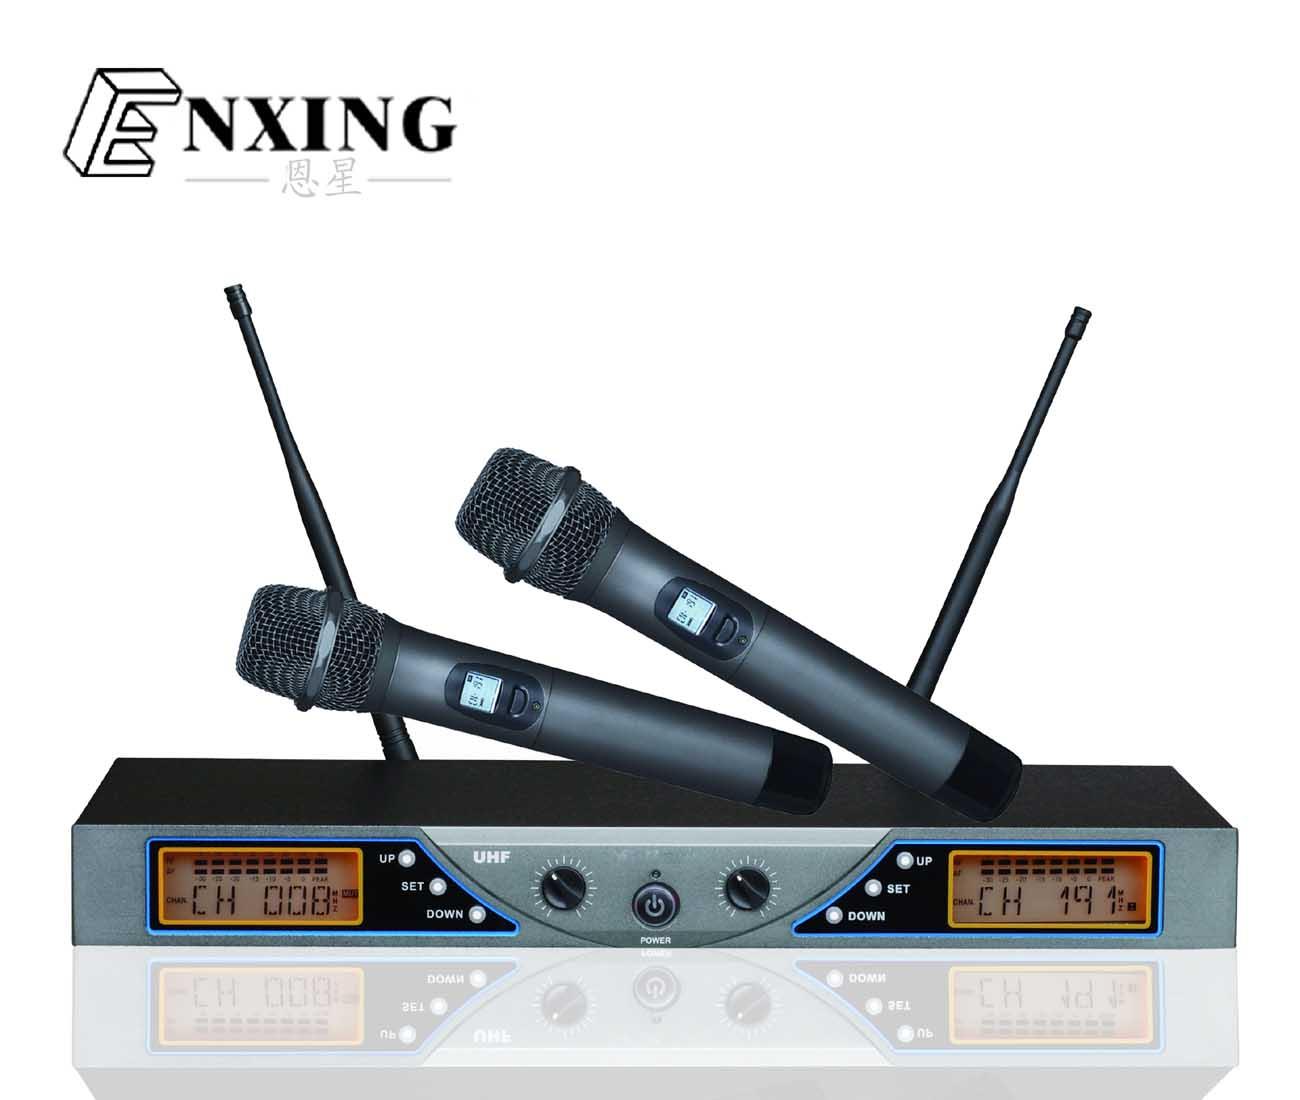 产品说明 接收机: •使用电源电压:AC100-240V/45-60HZ •消耗功率: 5WATER •信噪比:〉90dB •假象干扰比:〉80dB •邻道干扰比:〉80dB •接收灵敏度:〉5dBu(SINAD=20dB) 发射器: •发射功率:30mW •调制方式:FM •大调制度:50KHZ •高次谐波:低于主波基准40DB以上 •使用电源电压:1.